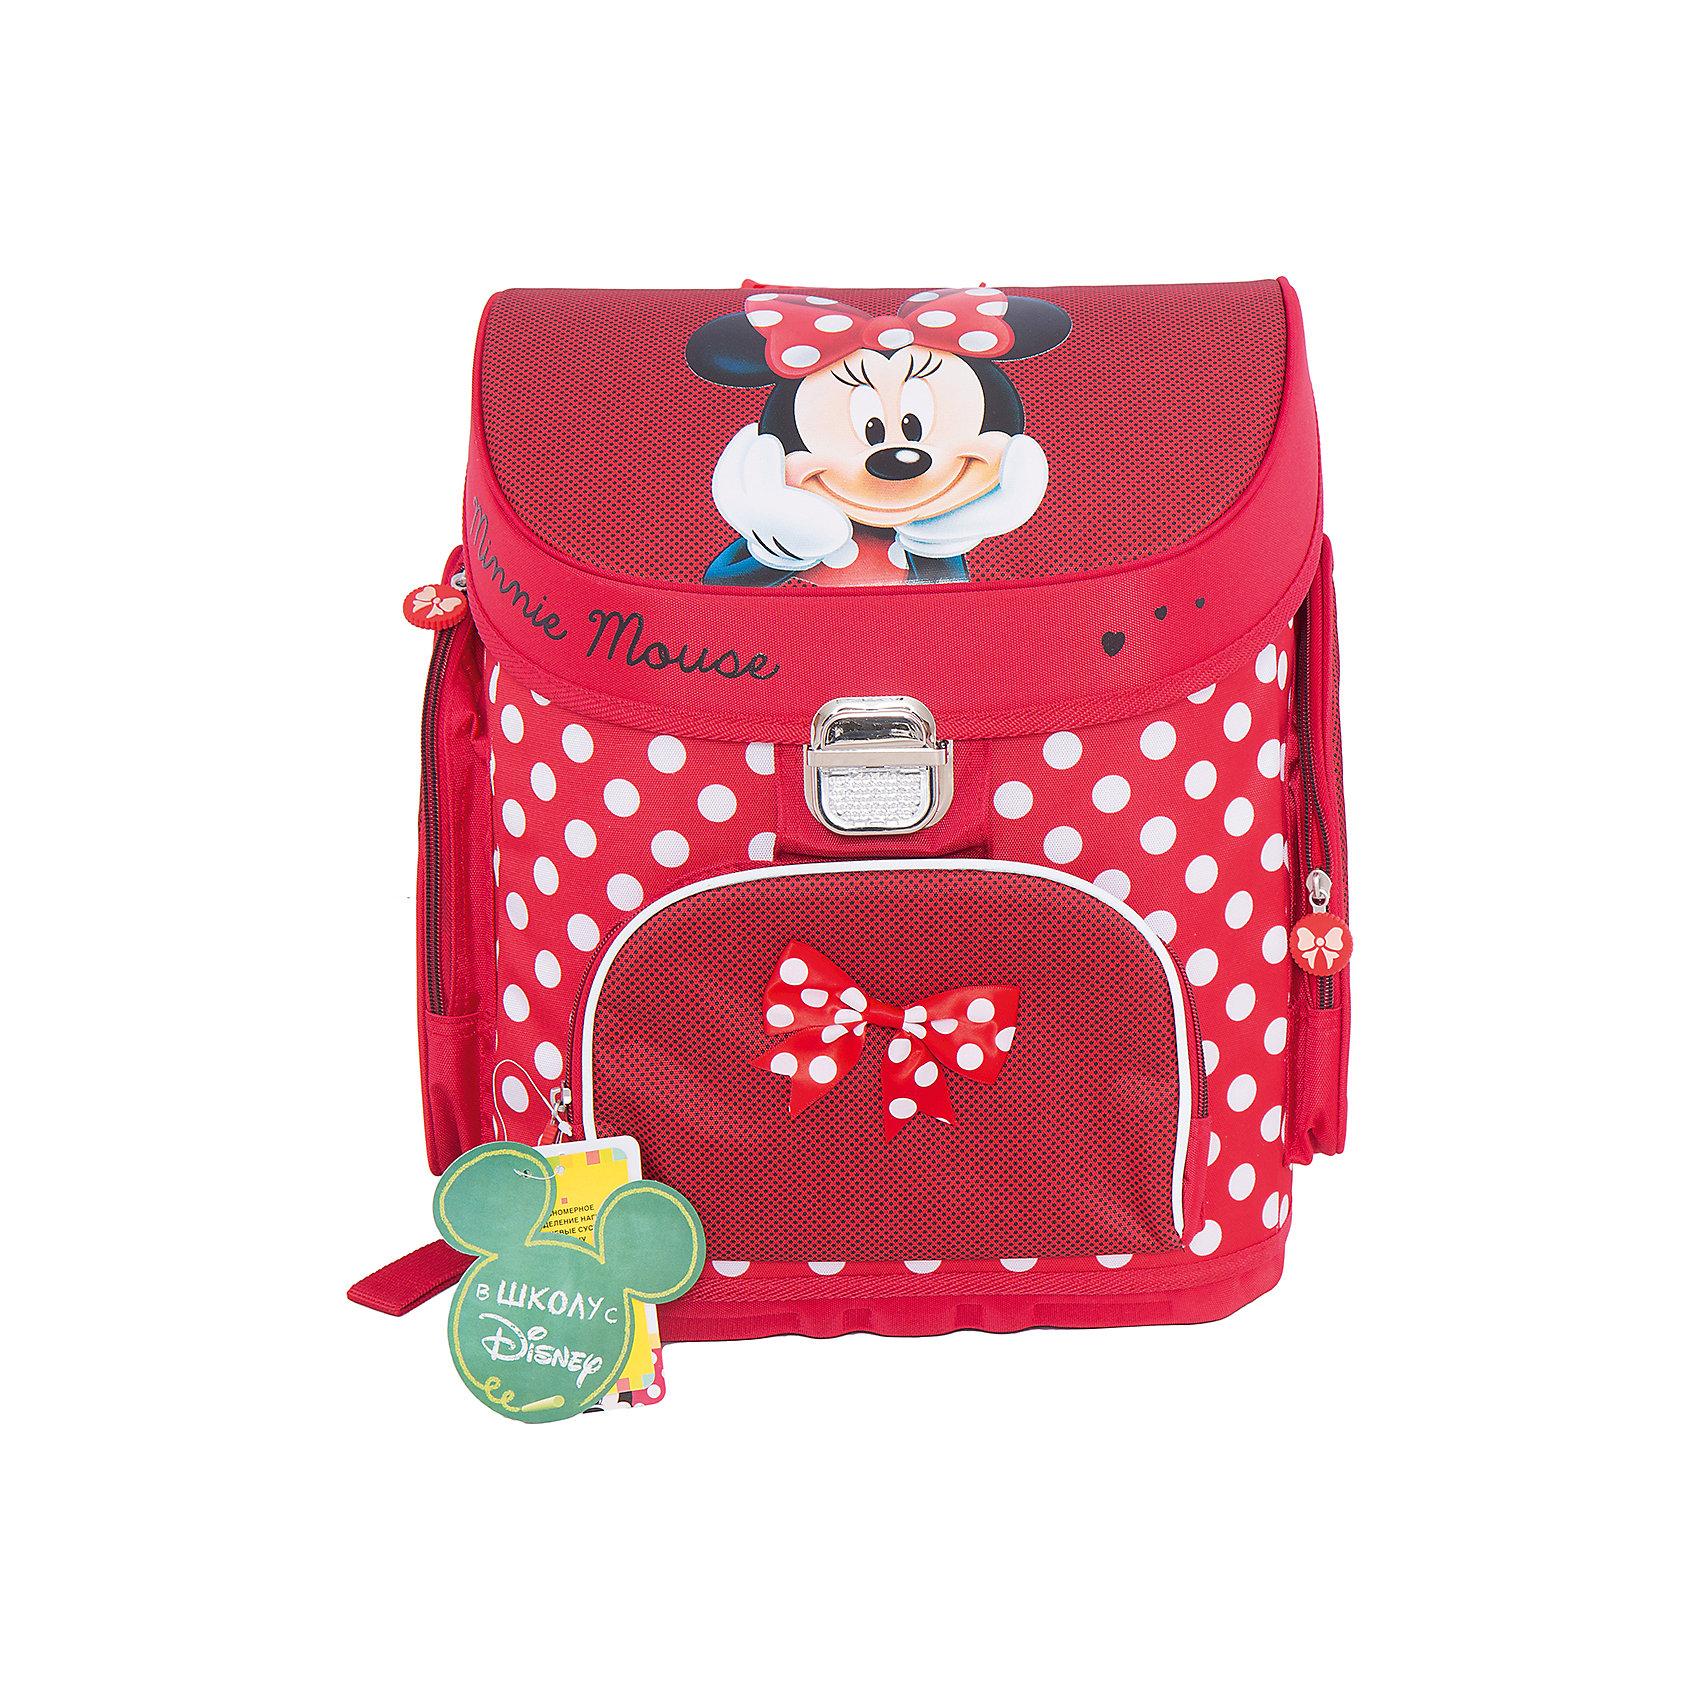 Школьный ранец Минни МаусМинни Маус<br>Удобный и очень красивый ранец Минни Маус (Minnie Mouse) просто создан, чтобы раскрасить школьные будни Вашей принцессы. Компактный и вместительный, он украшен ярким горошком и изображением любимой мышки Минни! Каркасный ранец Минни Маус (Minnie Mouse) очень удобен для школьников: в основное отделение помещаются листы формата А4. Тетради и учебники никогда не помнутся в таком рюкзаке. Ребенку всегда легко будет найти в нем нужные вещи: спереди есть карман для пенала на молнии, внутри - место для ключей и личной карточки. В ранце Минни Маус (Minnie Mouse) все продумано для того, чтобы осанка ребенка не страдала при ежедневной носке портфеля: плотная спинка создана из дышащего материала, а плотные вставки из поролона помогают правильно распределять нагрузку на плечевой пояс. В темное время суток ребенка с ранцем легко заметить благодаря наличию светоотражающих элементов. Носить ранец легко и на плечах и в руке. Уплотненное дно из ЕVA материала защитит содержимое ранца от намокания. А обладательницу рюкзака особенно порадует бантик на кармашке и замечательные подвески на молнии.<br>  <br>Дополнительная информация: <br><br>- Ортопедическая спинка;<br>- Два удобных внутренних отделения;<br>- Ручка для переноски;<br>- Наружные карманы на молнии;<br>- Рюкзак сделан из износостойкого водонепроницаемого материала;<br>- Понравится поклонникам мультфильма Минни Маус (Minnie Mouse);<br>- Высота боковых карманов: 23 см;<br>- Размер: 31 х 23 х 39 см;<br>- Вес: 1,3 кг<br><br>Ранец Минни Маус (Minnie Mouse) можно купить в нашем интернет-магазине.<br><br>Ширина мм: 310<br>Глубина мм: 230<br>Высота мм: 390<br>Вес г: 1300<br>Возраст от месяцев: 36<br>Возраст до месяцев: 108<br>Пол: Женский<br>Возраст: Детский<br>SKU: 4121034